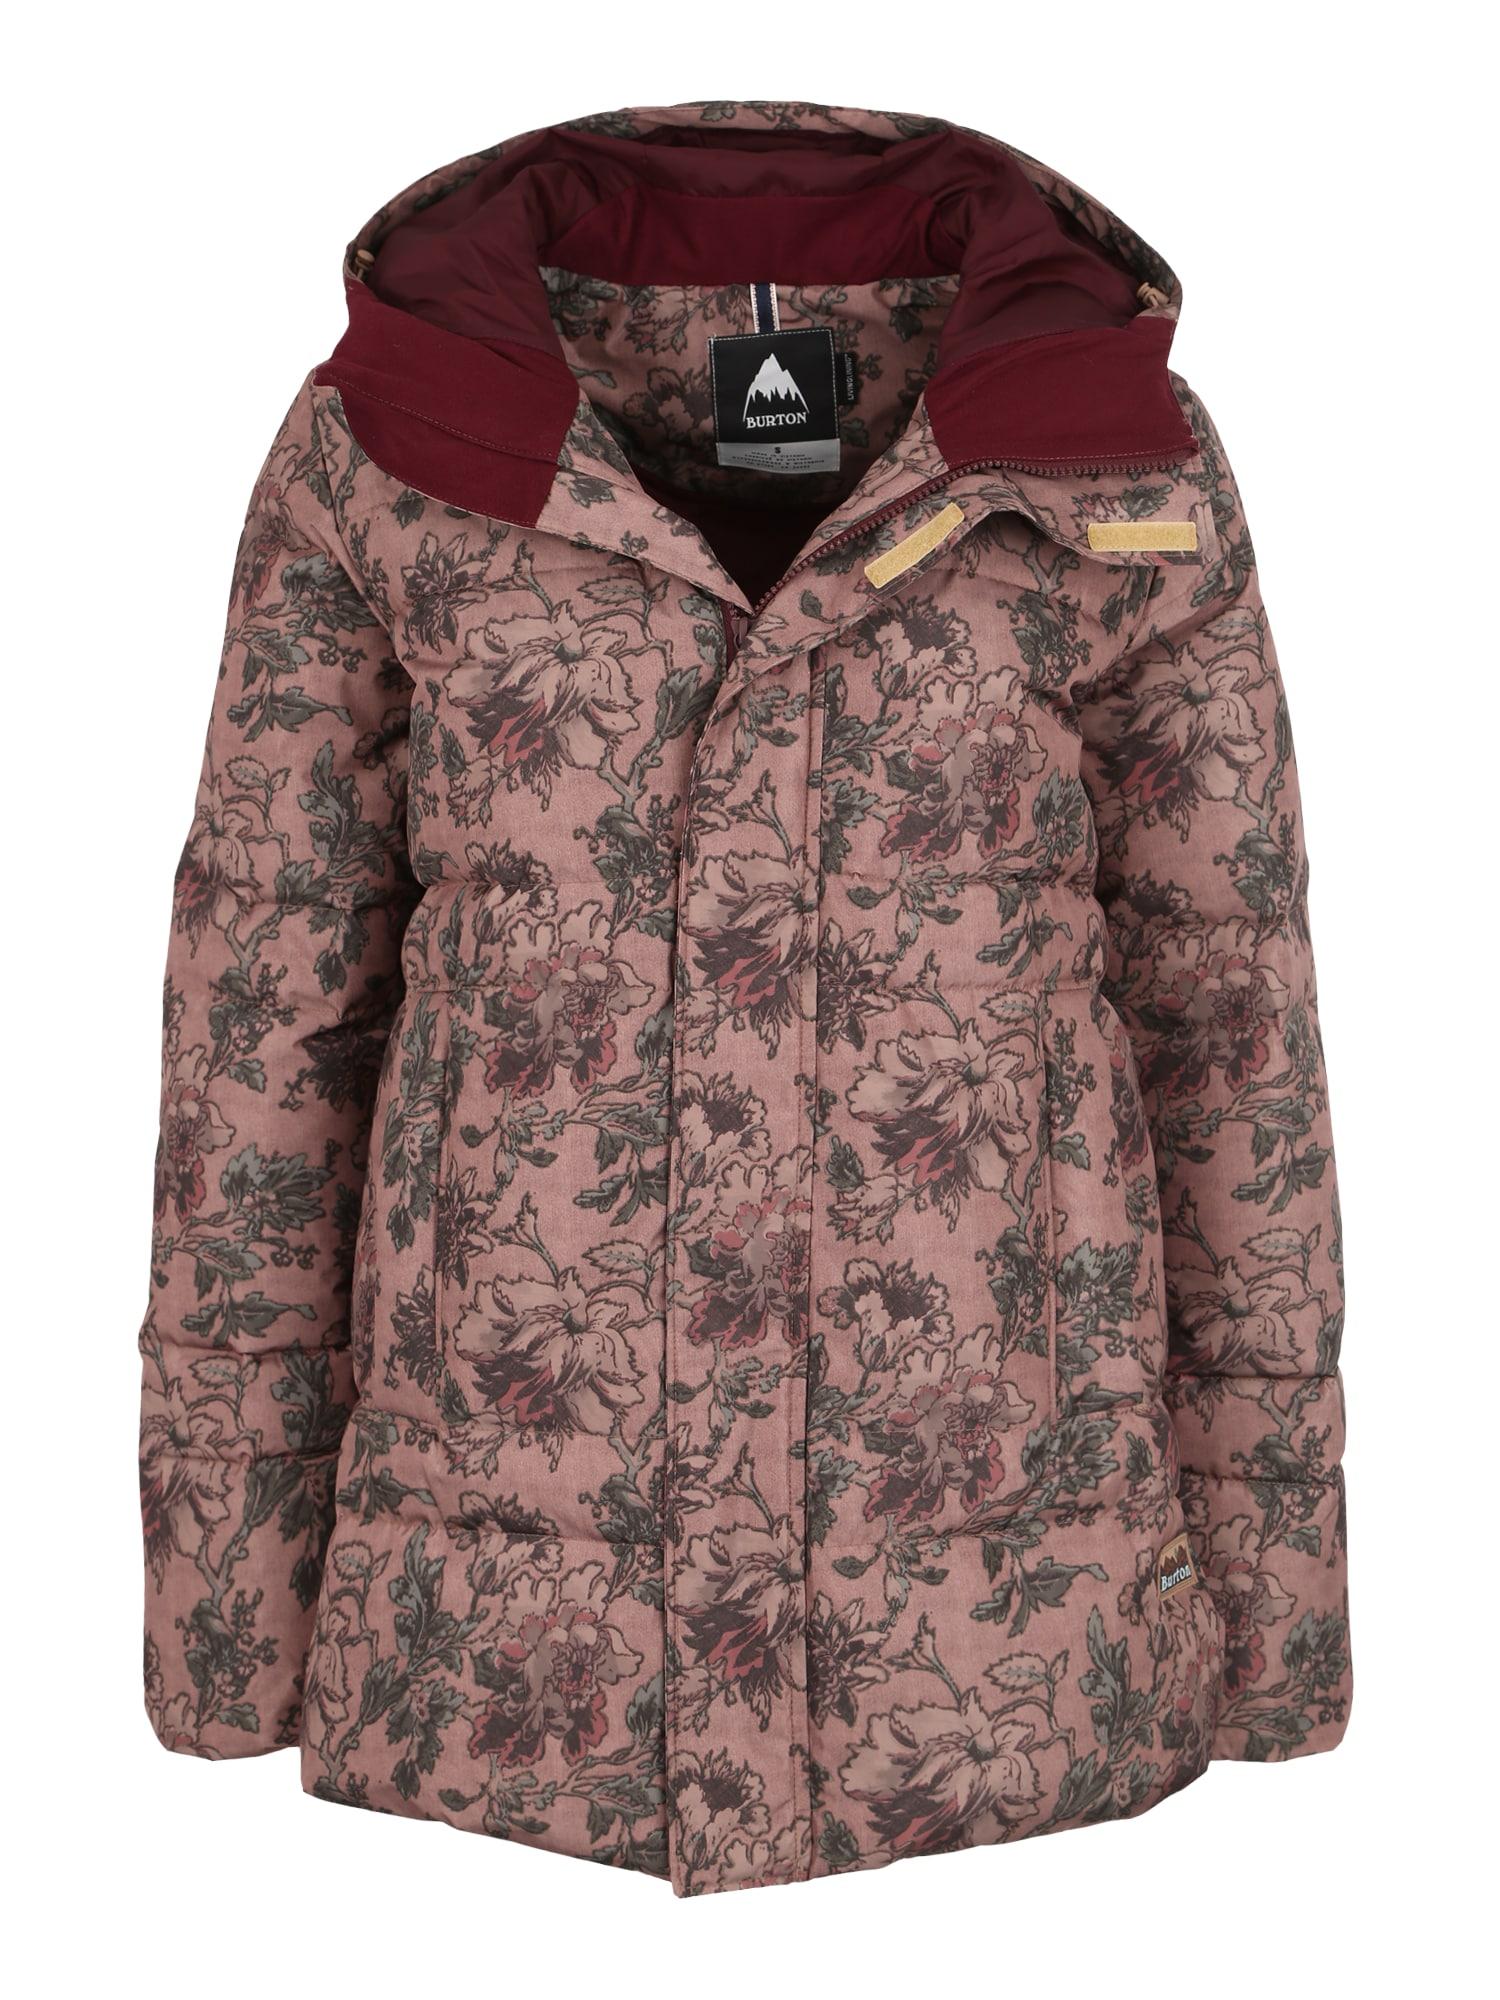 BURTON Laisvalaikio striukė 'MORA MOSS' ruda / alyvuogių spalva / rožių spalva